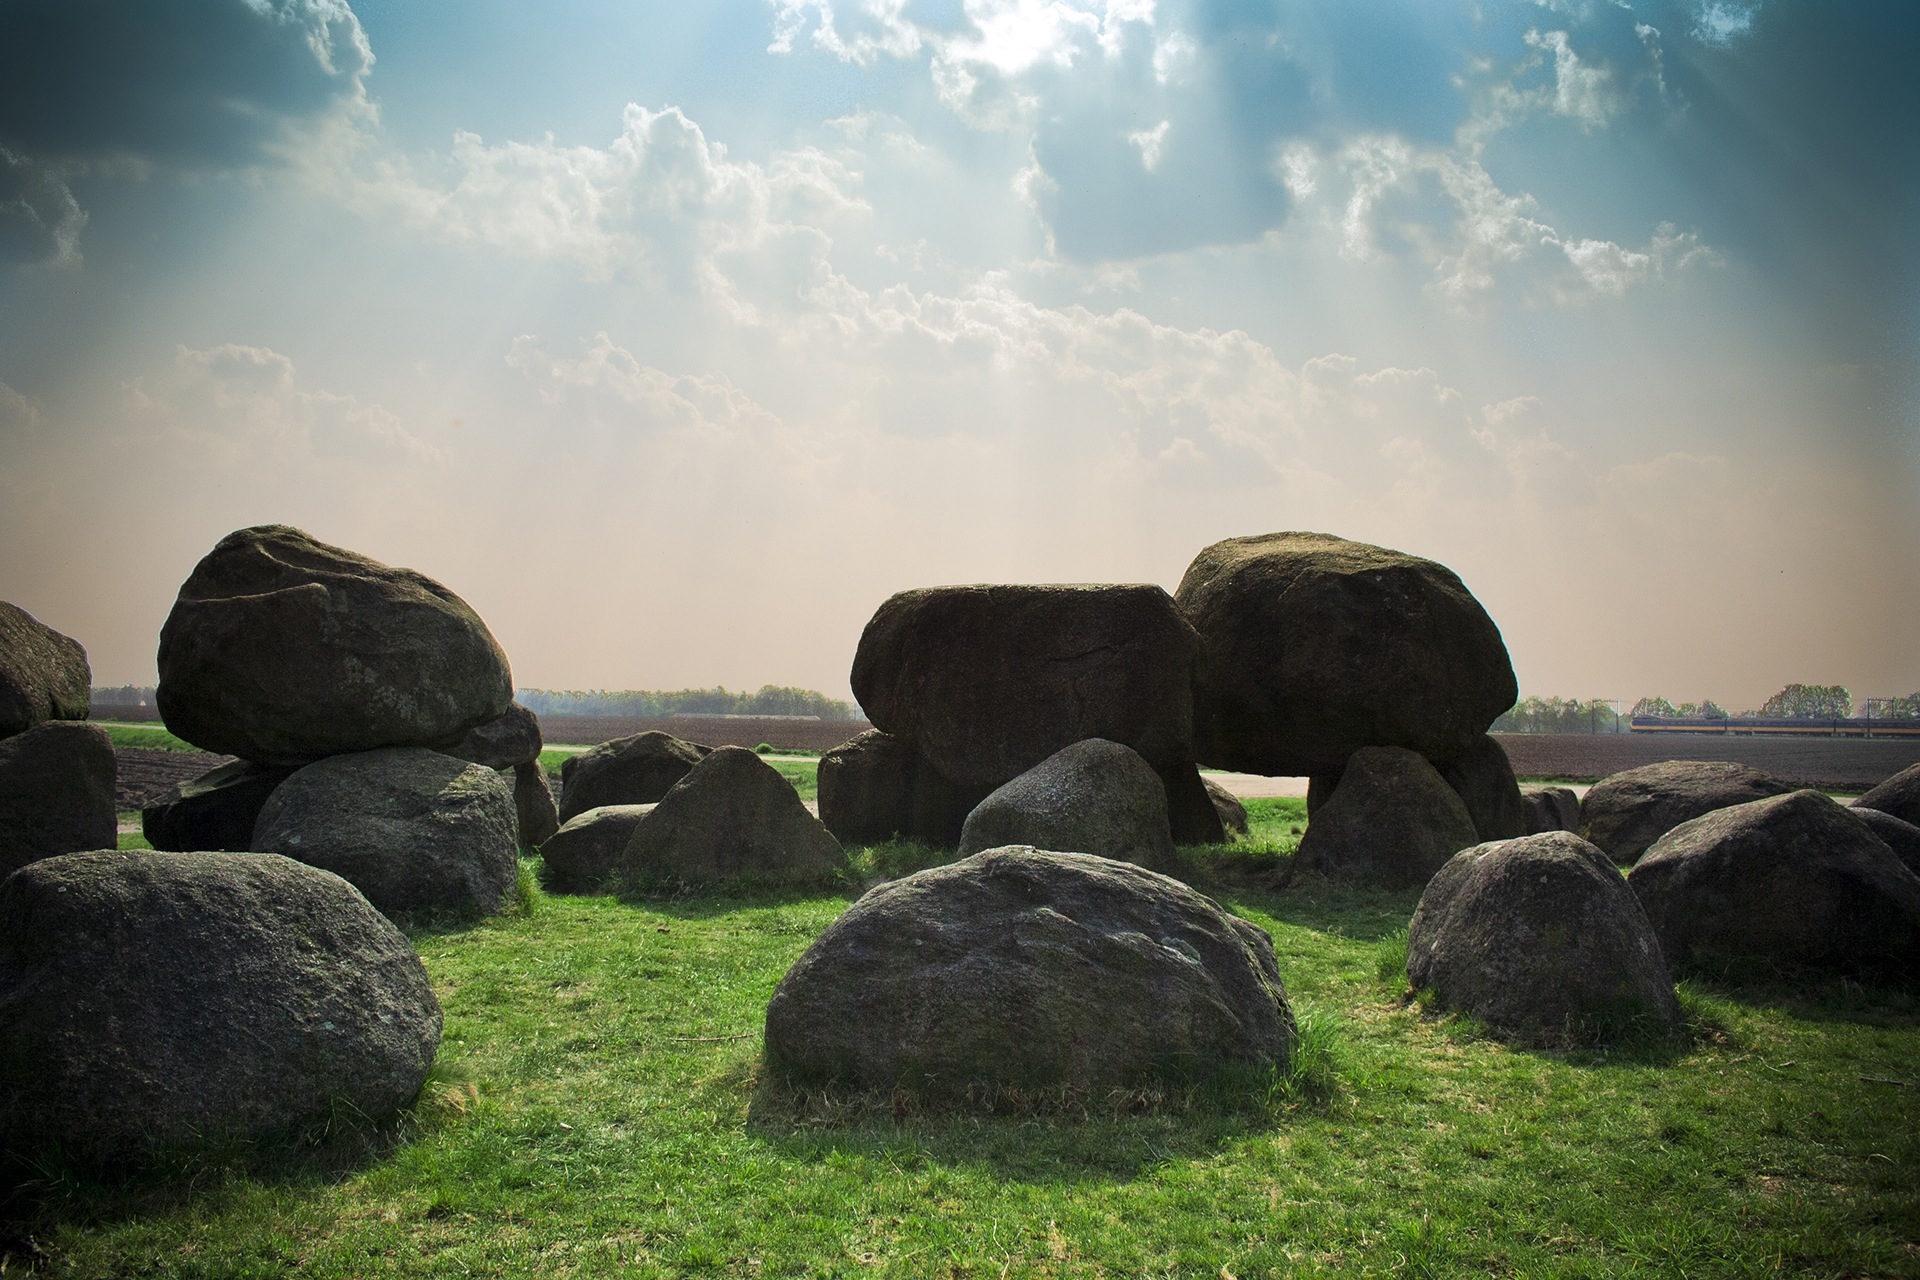 石头, 草坪, 奥, 天空, 光 - 高清壁纸 - 教授-falken.com